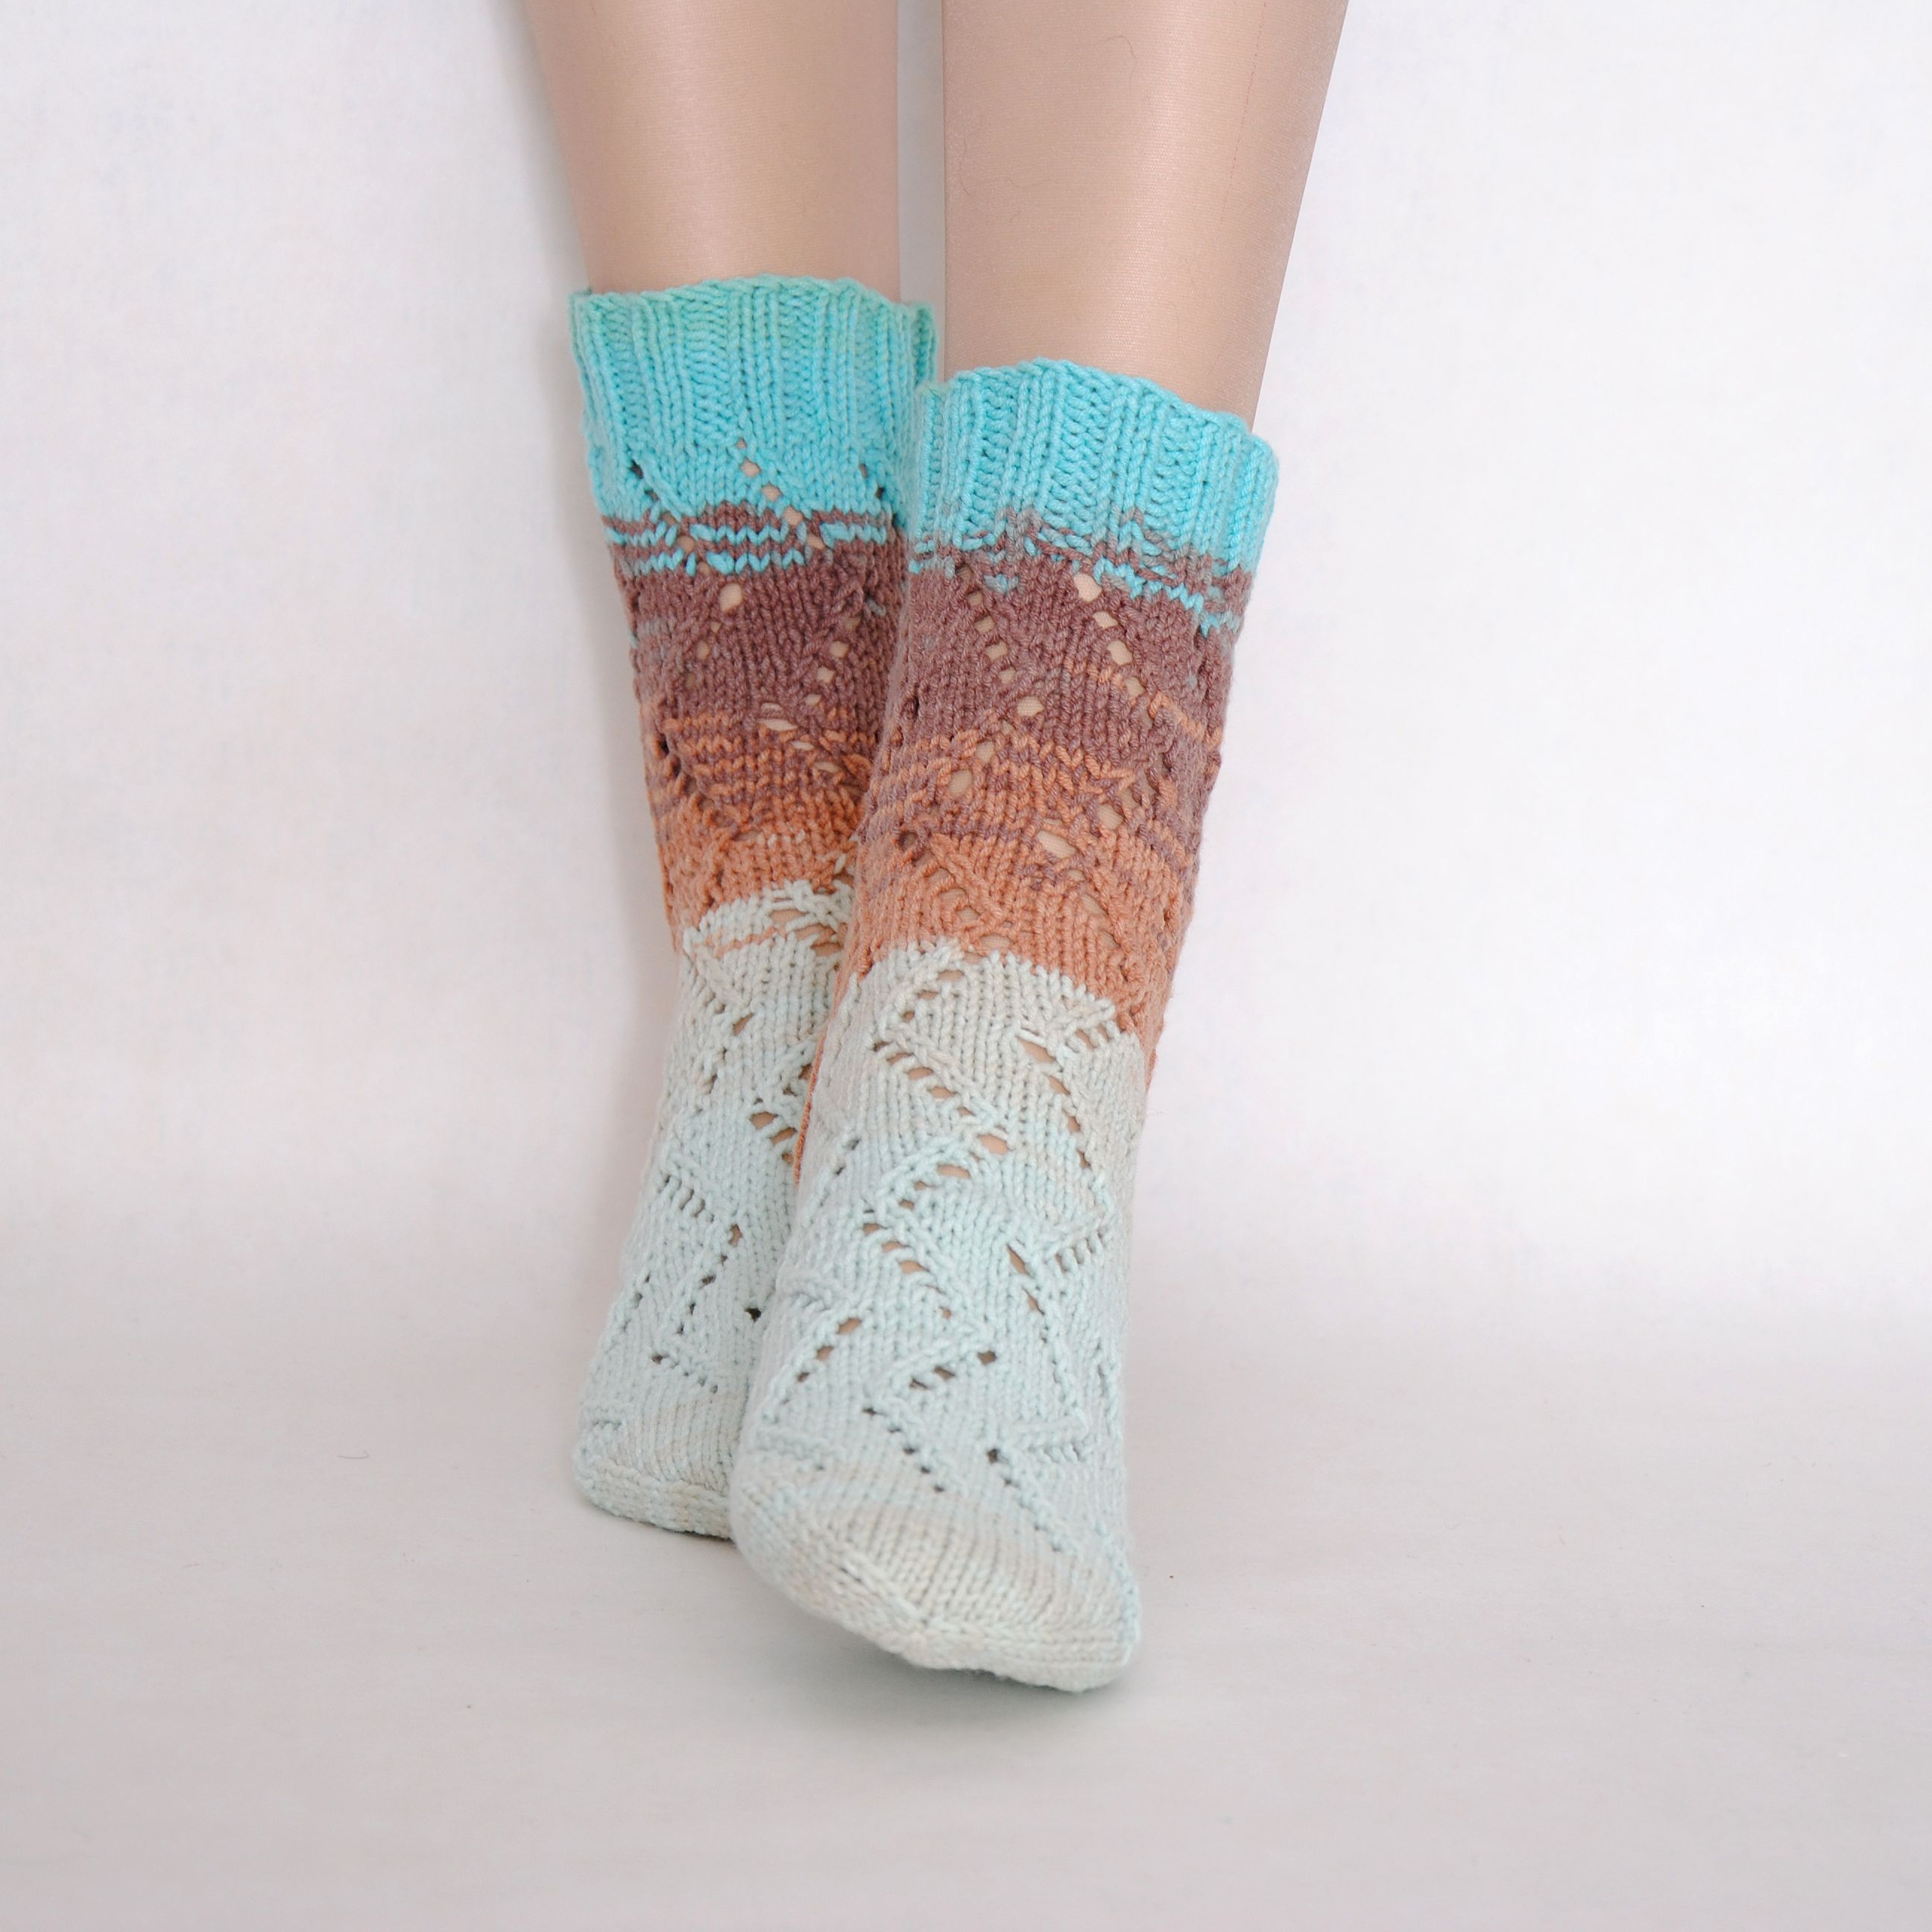 день вязаные подарок носочки купить рождения год новый женские носки подруге хлопка